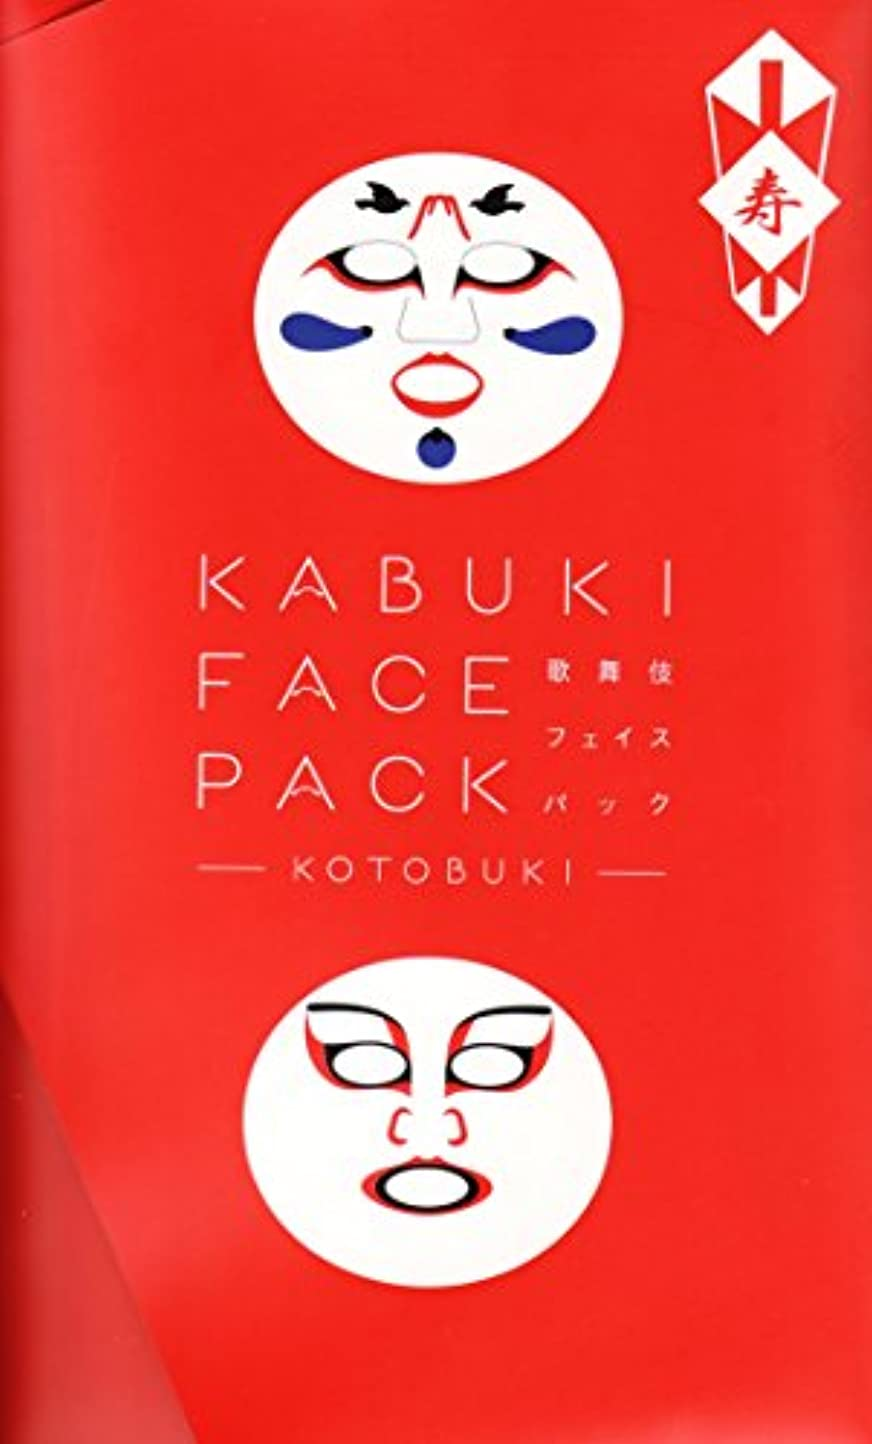 バラ色前任者ダイエット歌舞伎フェイスパック 寿 KABUKI FACE PACK -KOTOBUKI-